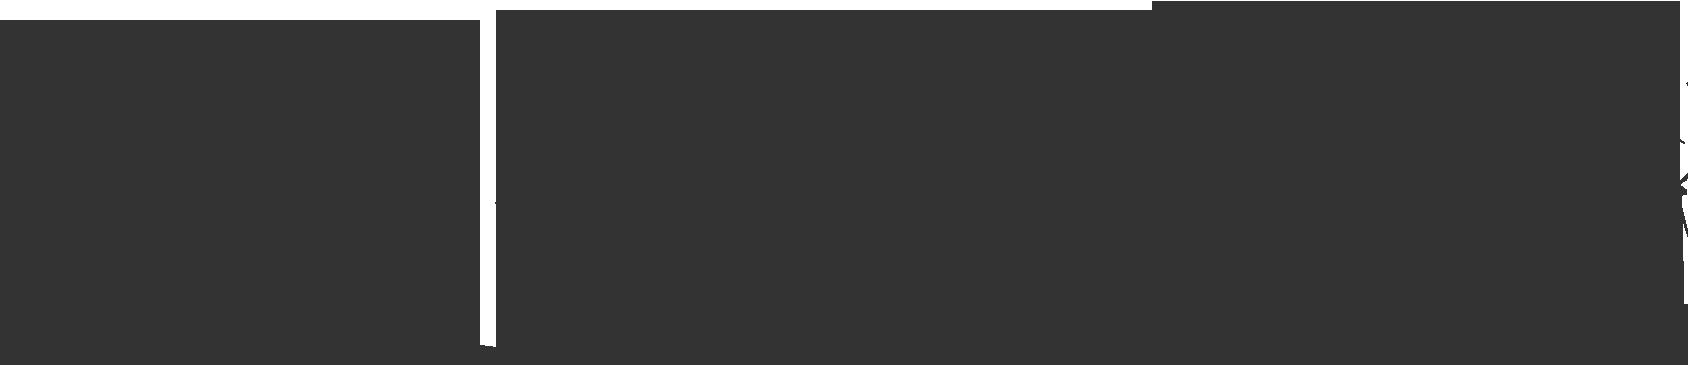 windcraft aerogeradores